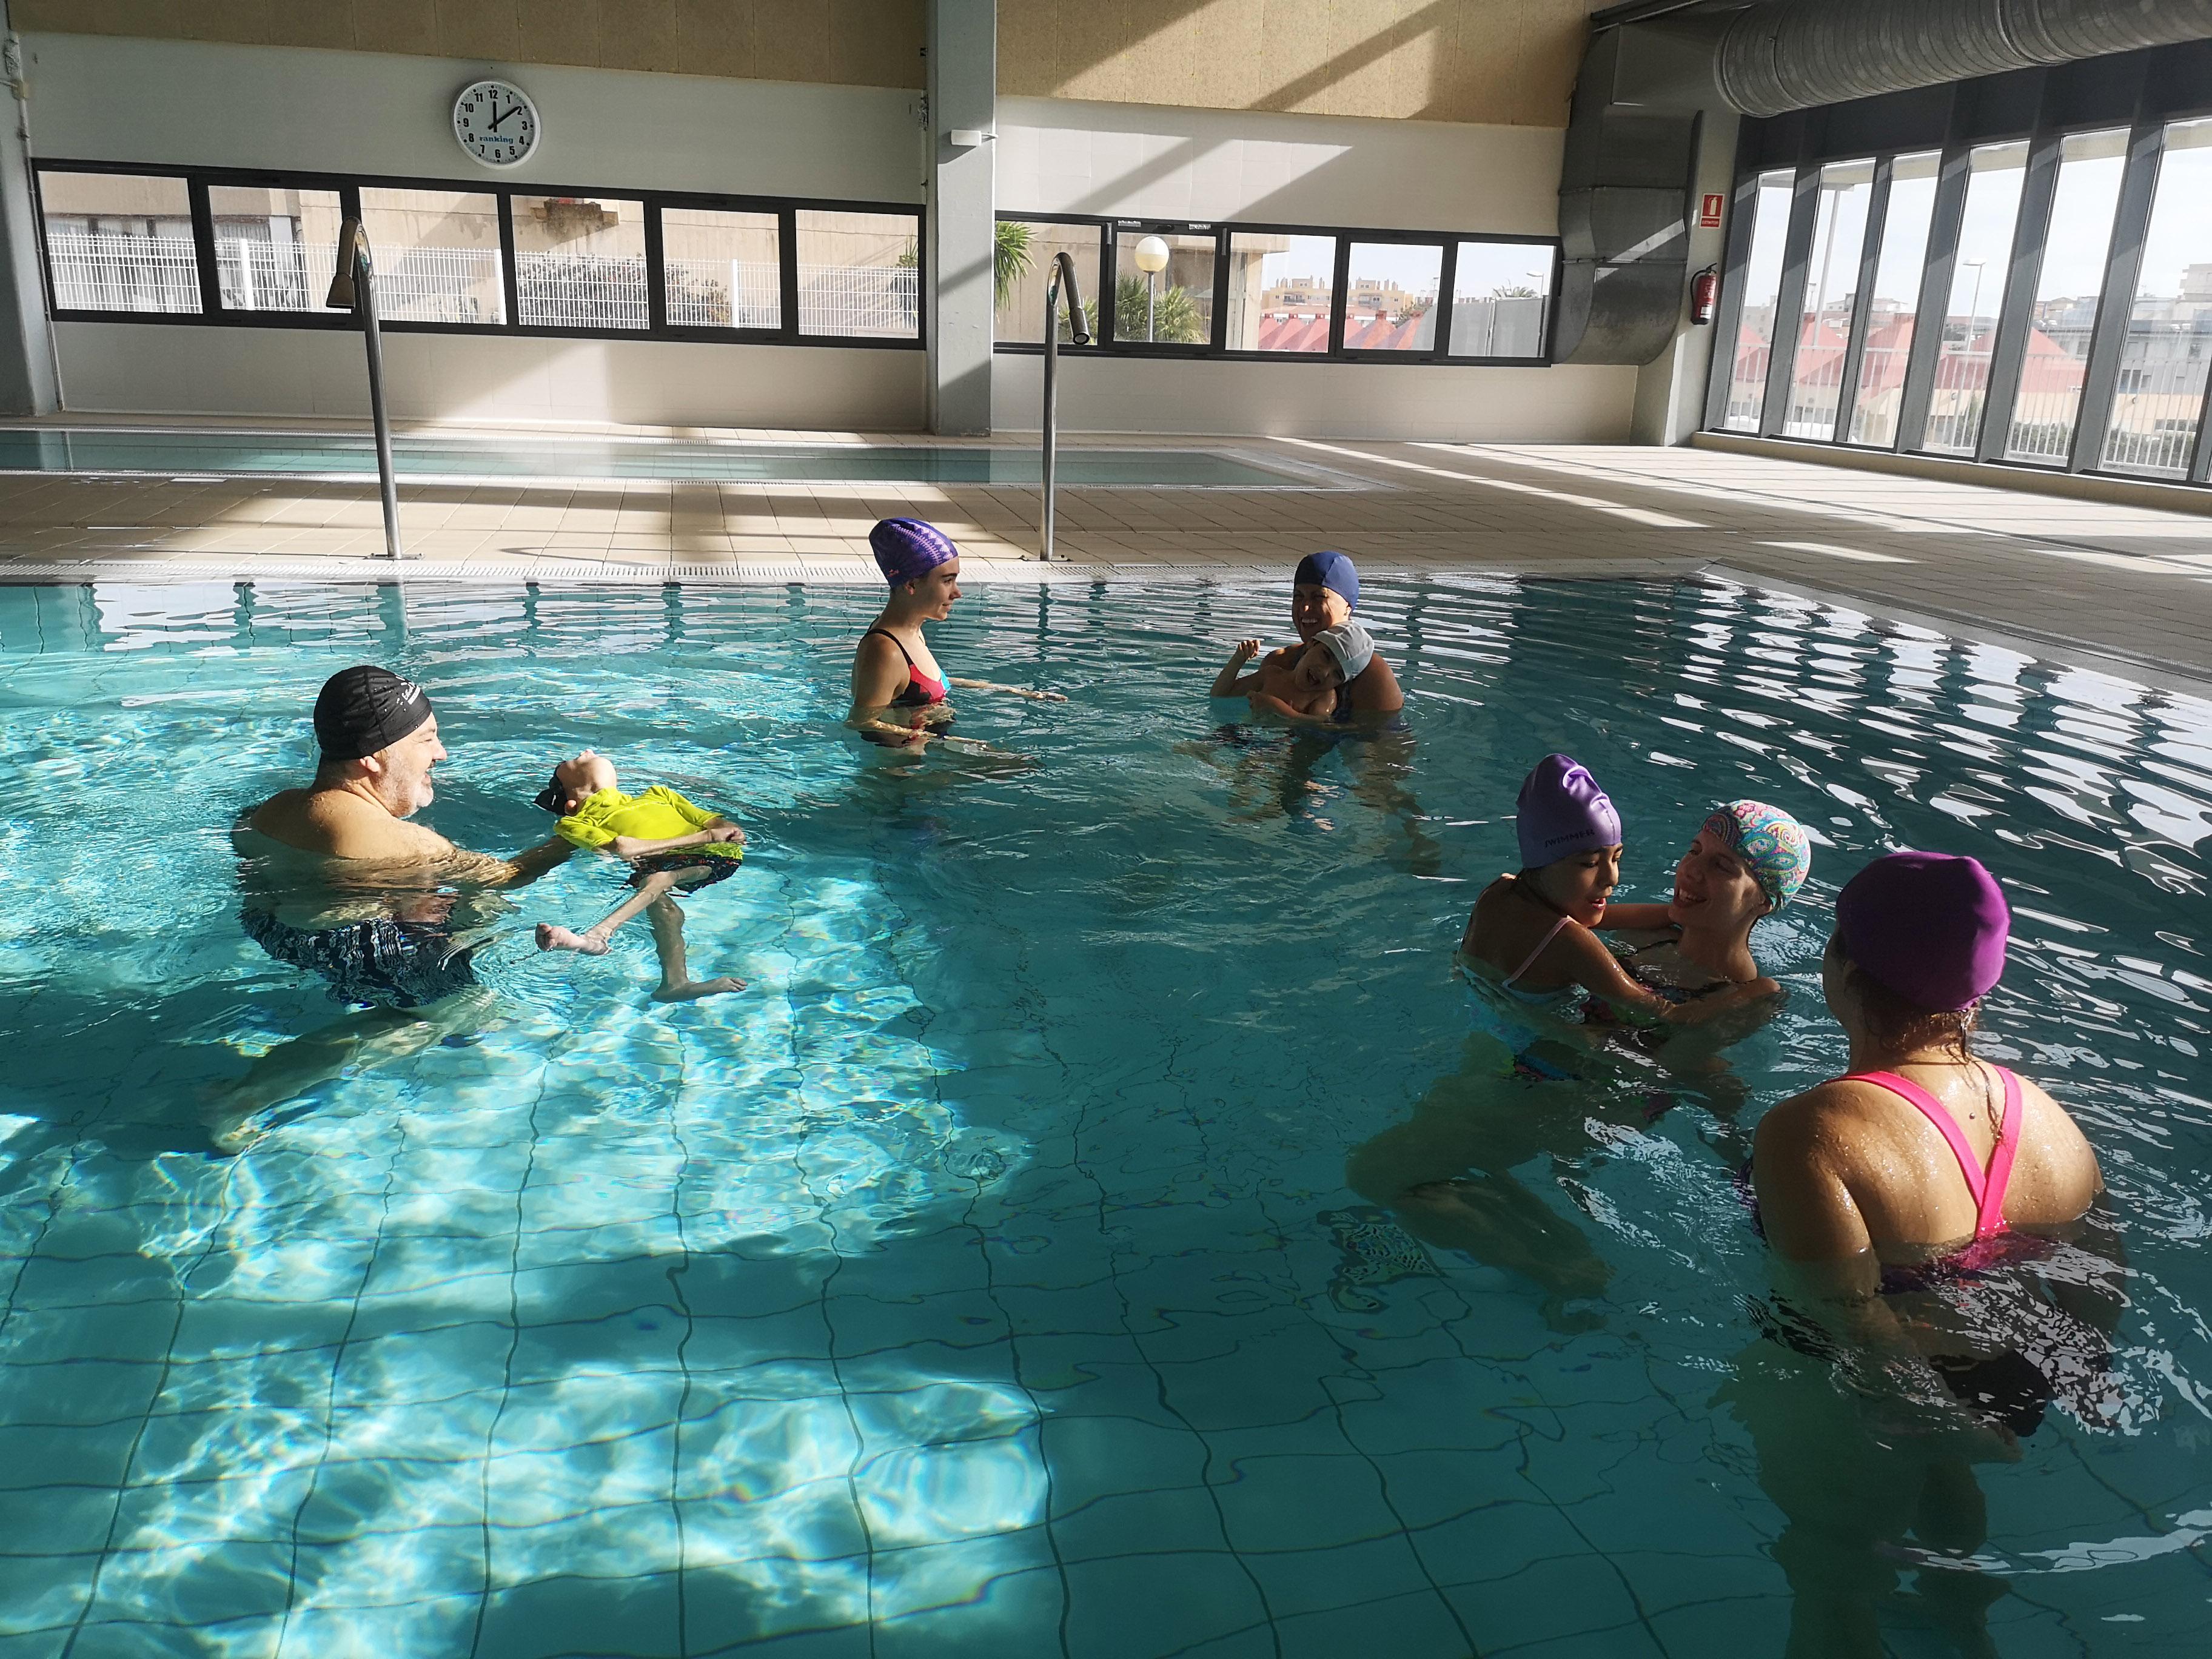 L'Ajuntament de Vandellòs i l'Hospitalet de l'Infant cedeix la piscina coberta a diverses entitats per a fins terapèutics